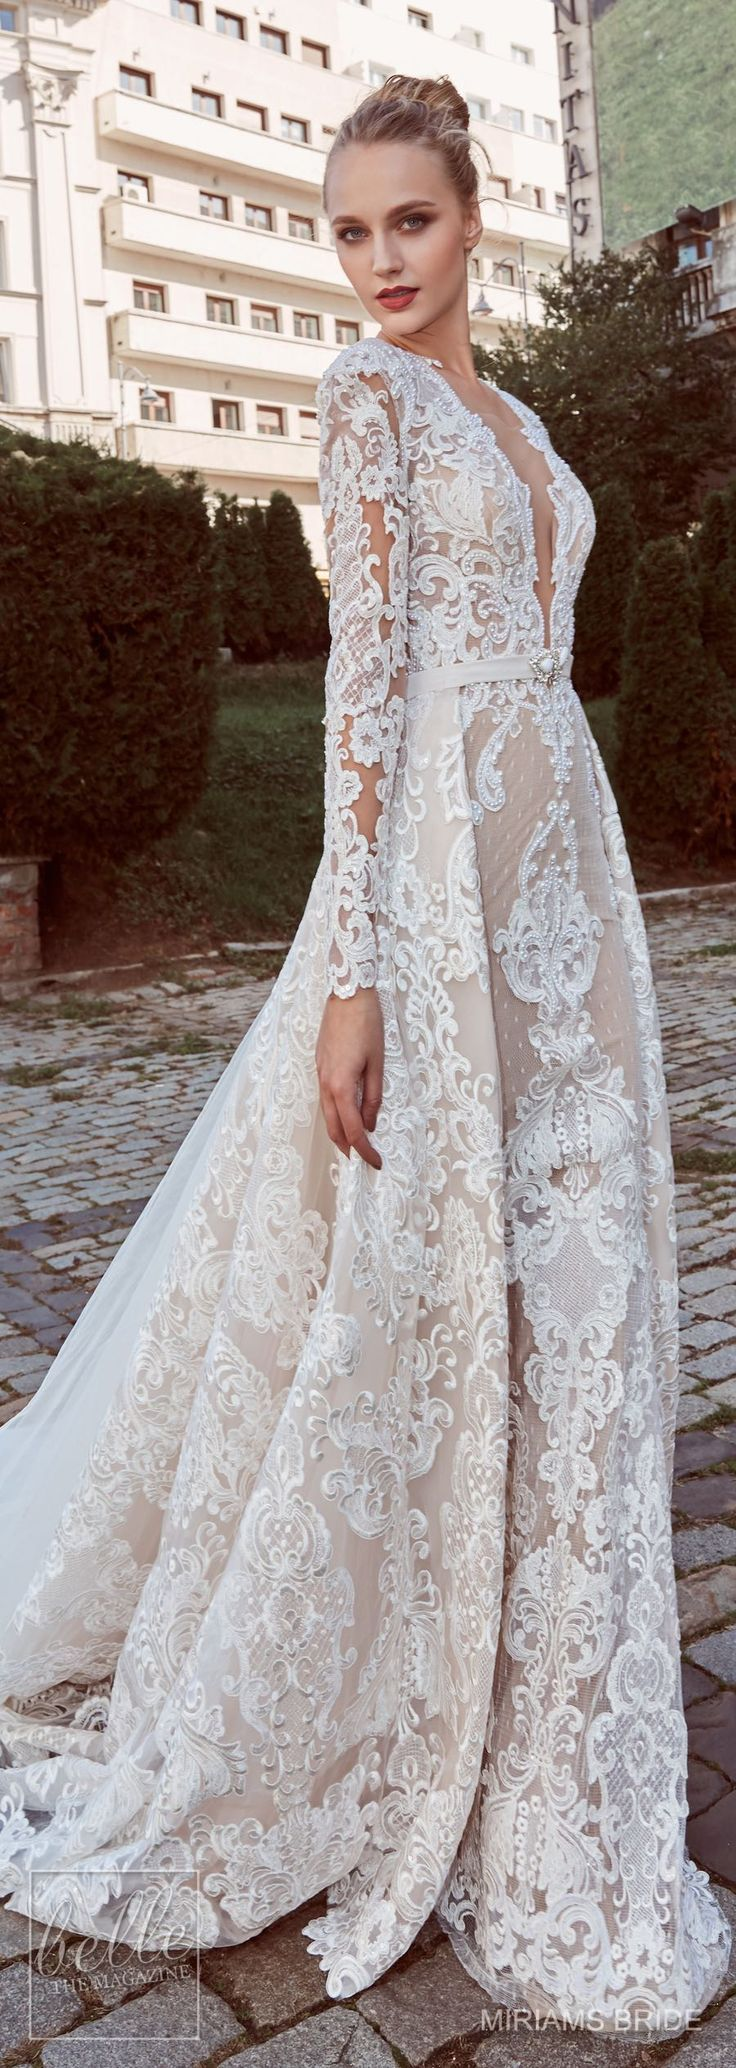 Brautkleider von Miriams Bride Kollektion 2018